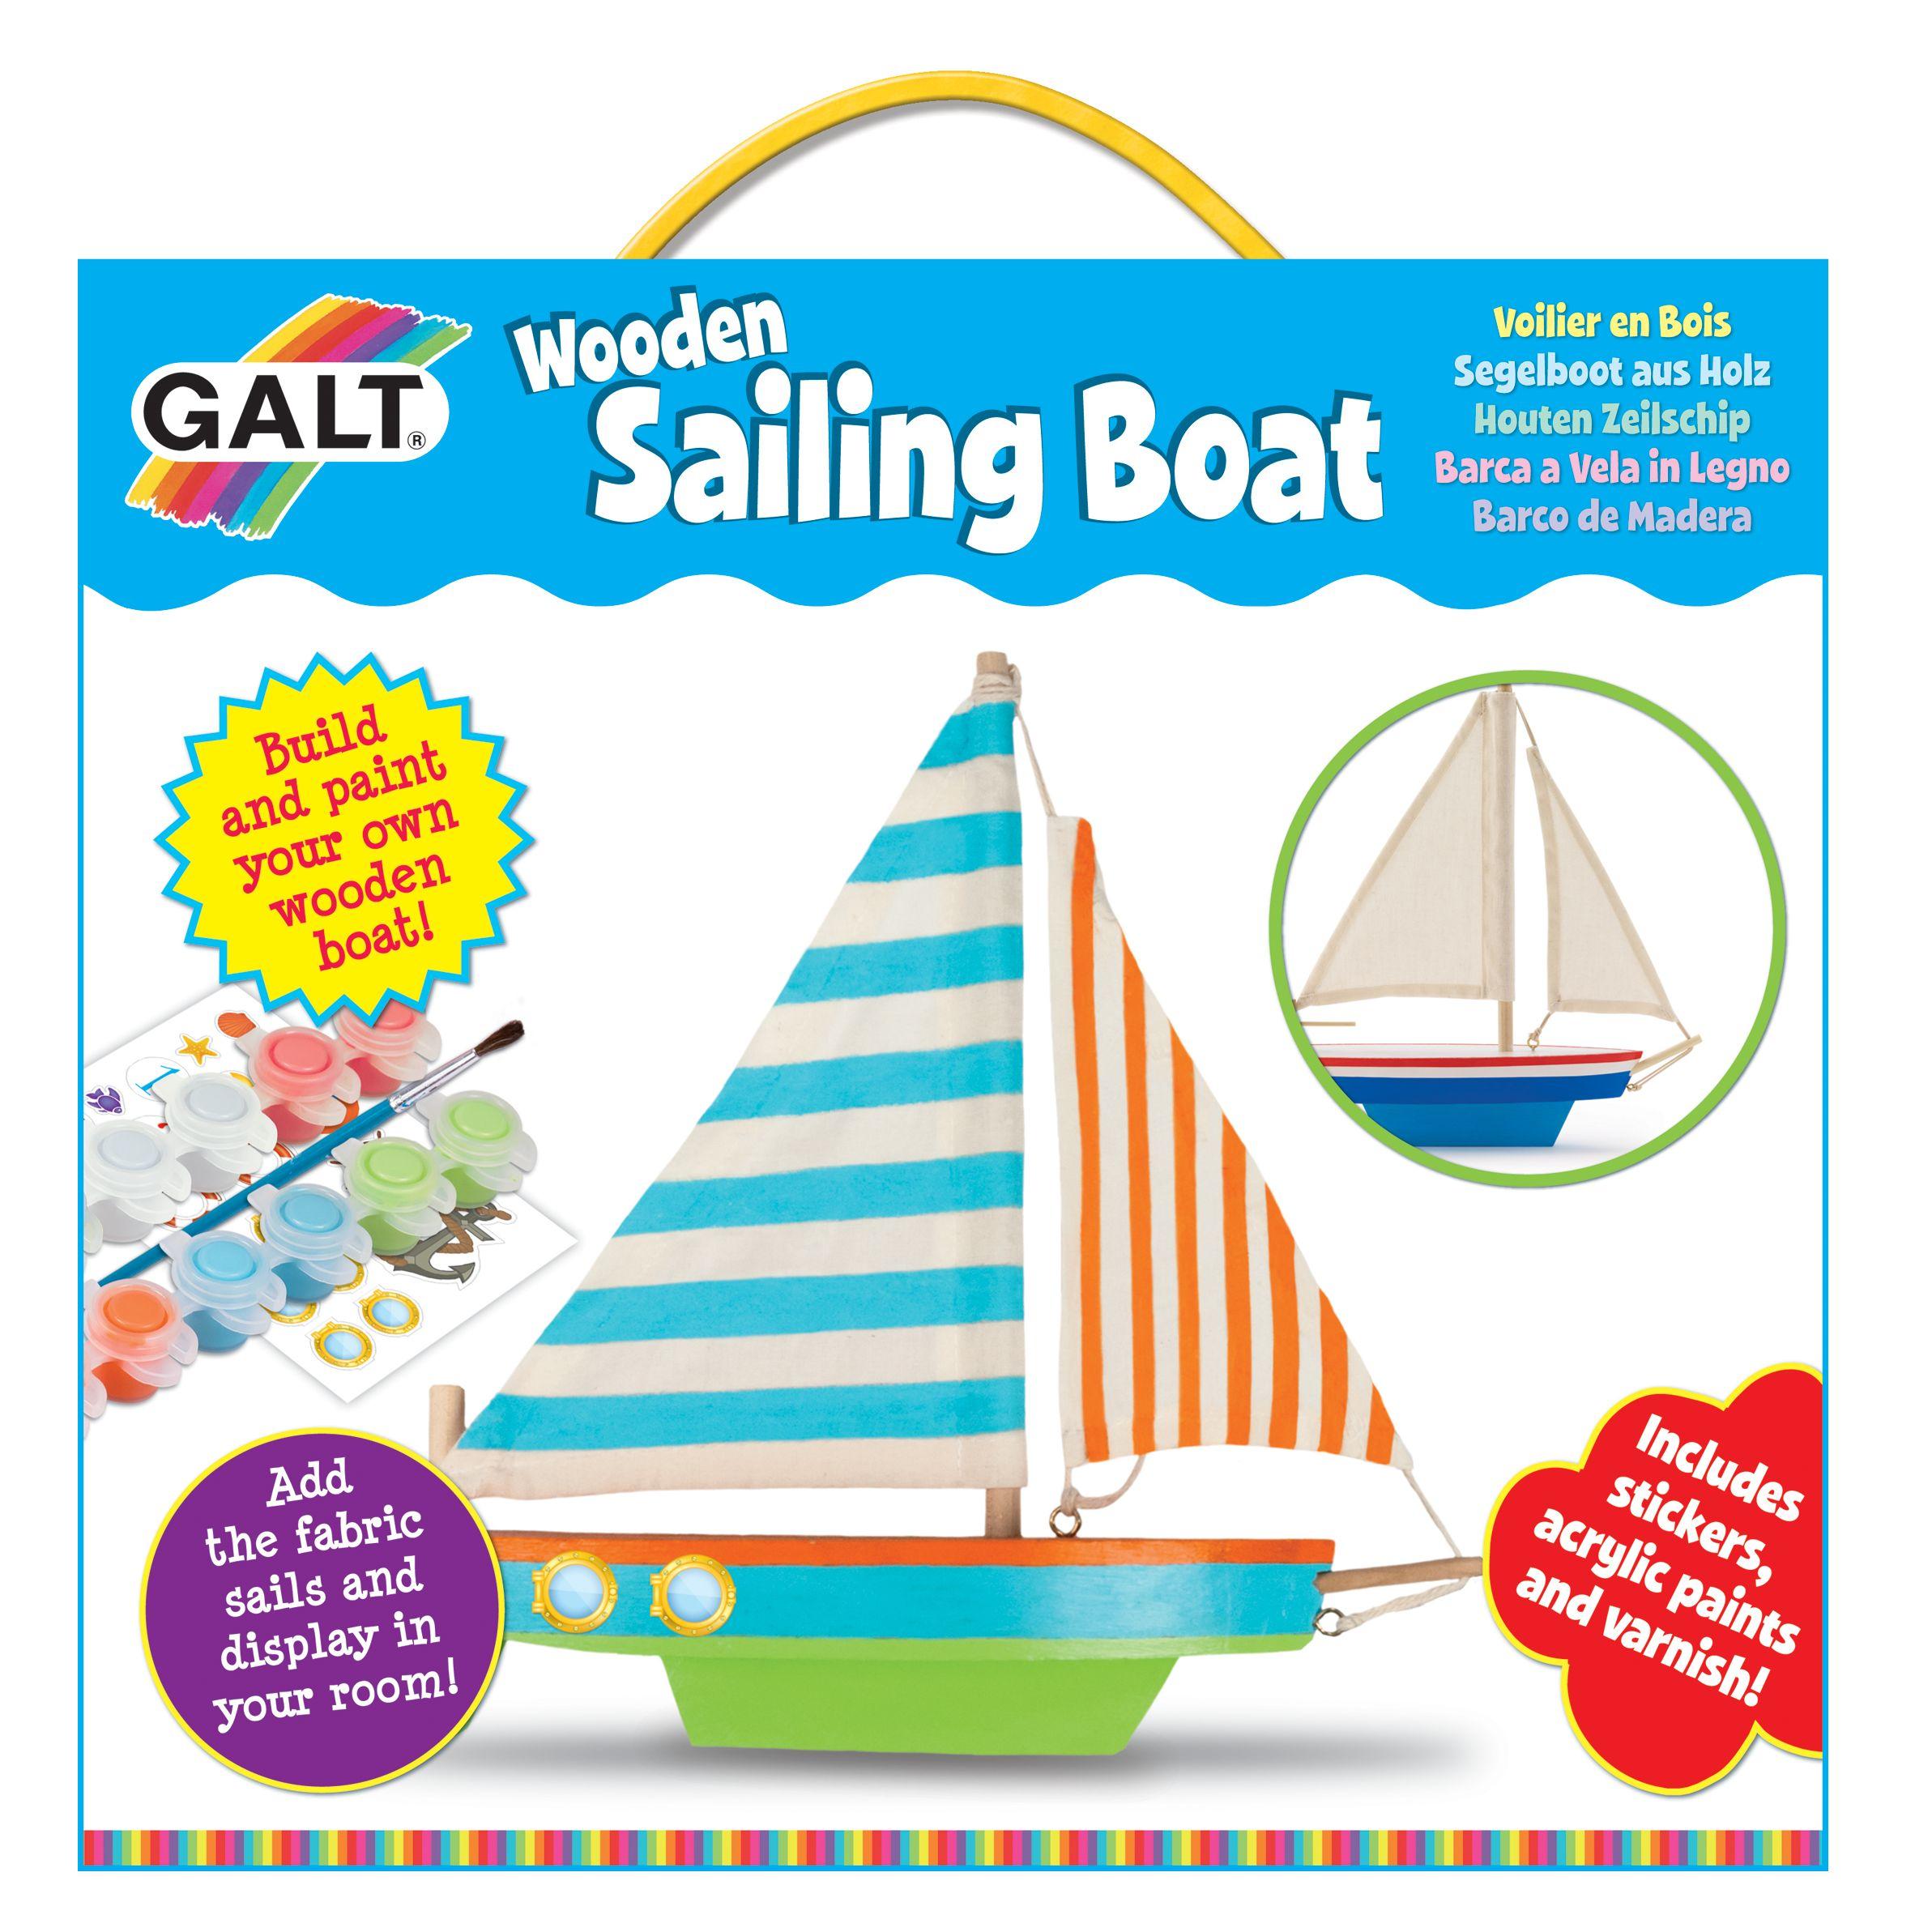 Galt Galt Wooden Sailing Boat